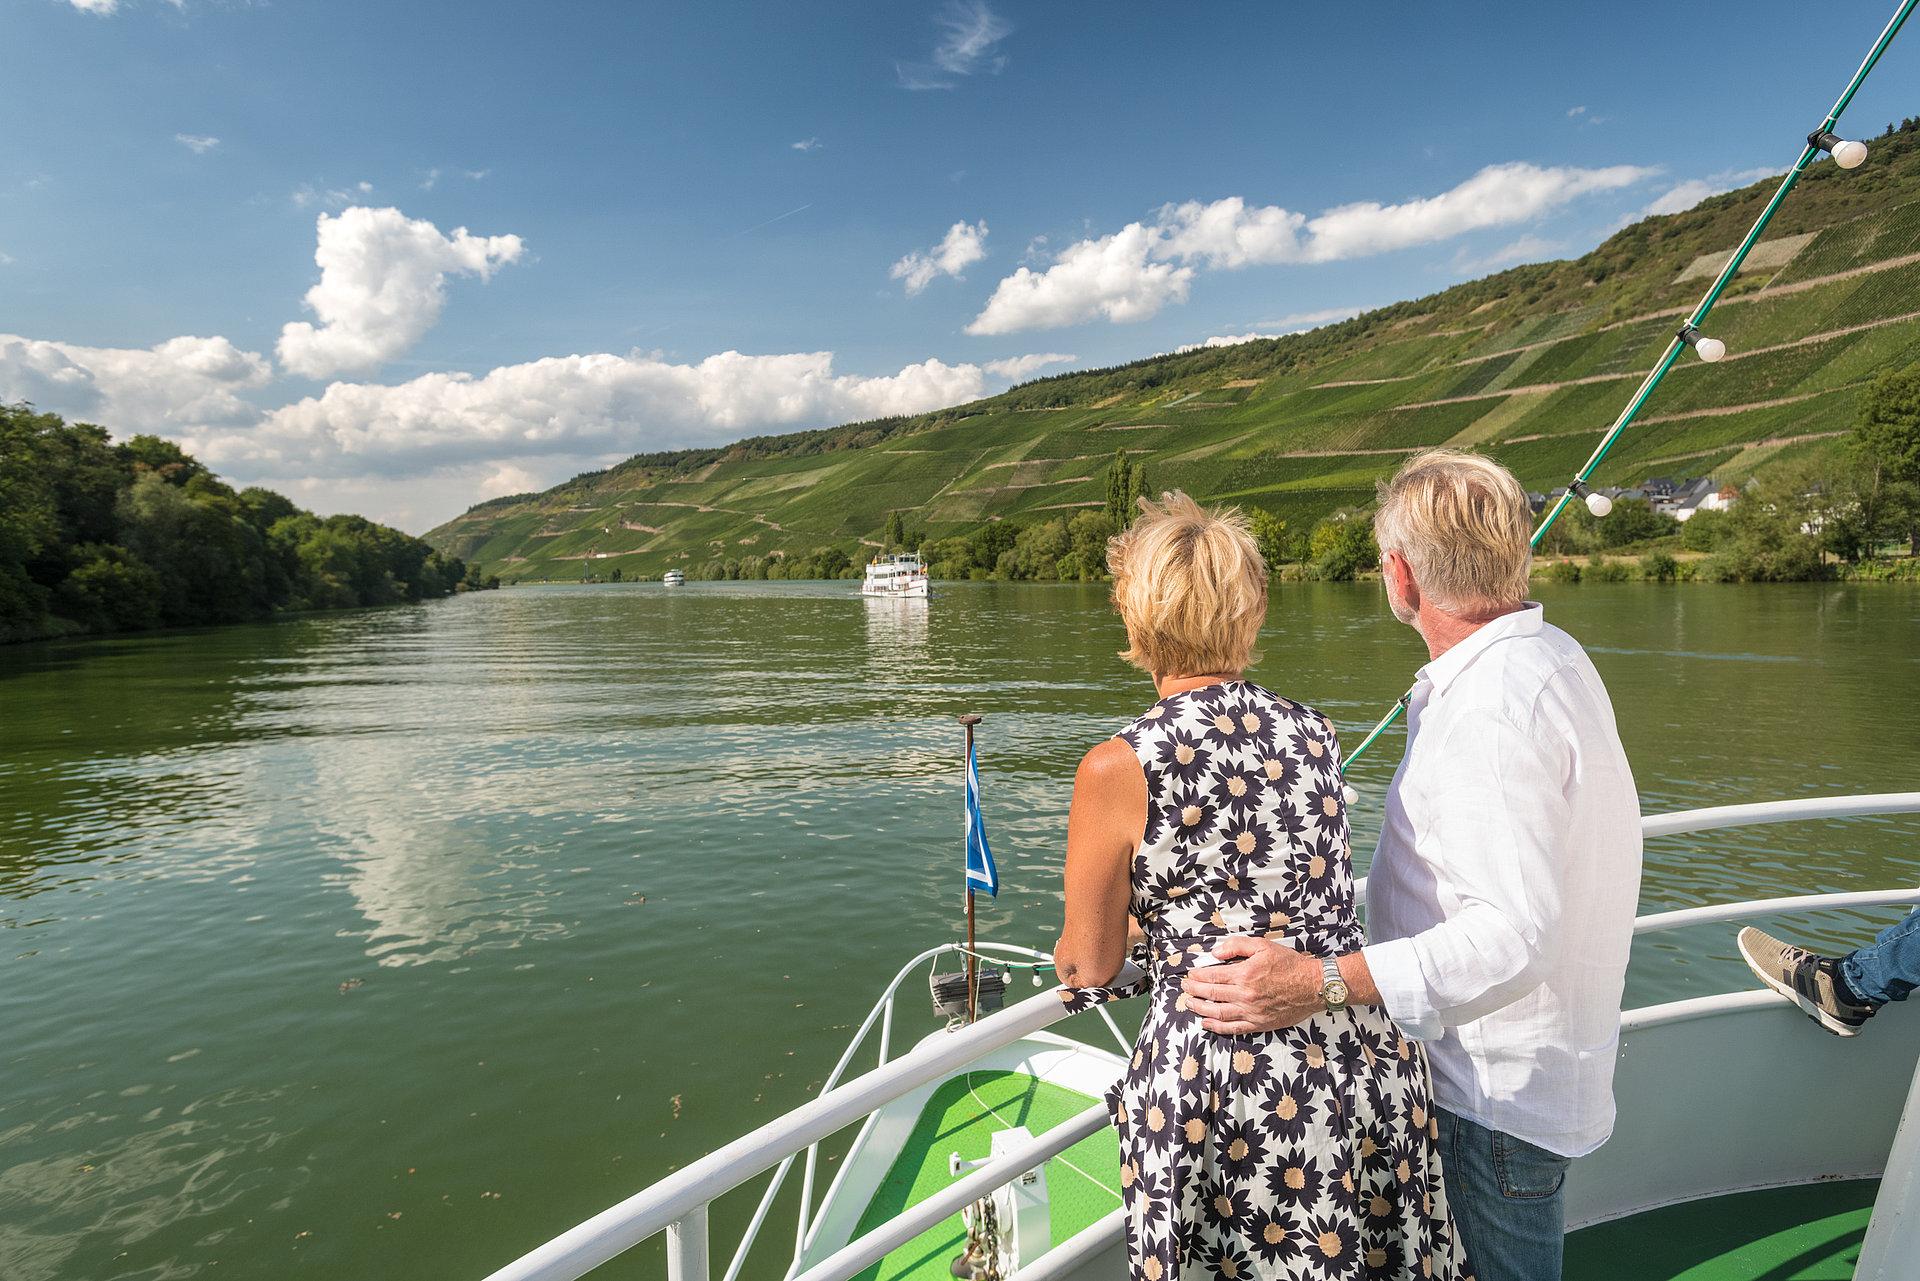 Excursieboottocht op de idyllische Moezel bij Bernkastel-Kues, Moezel-regio